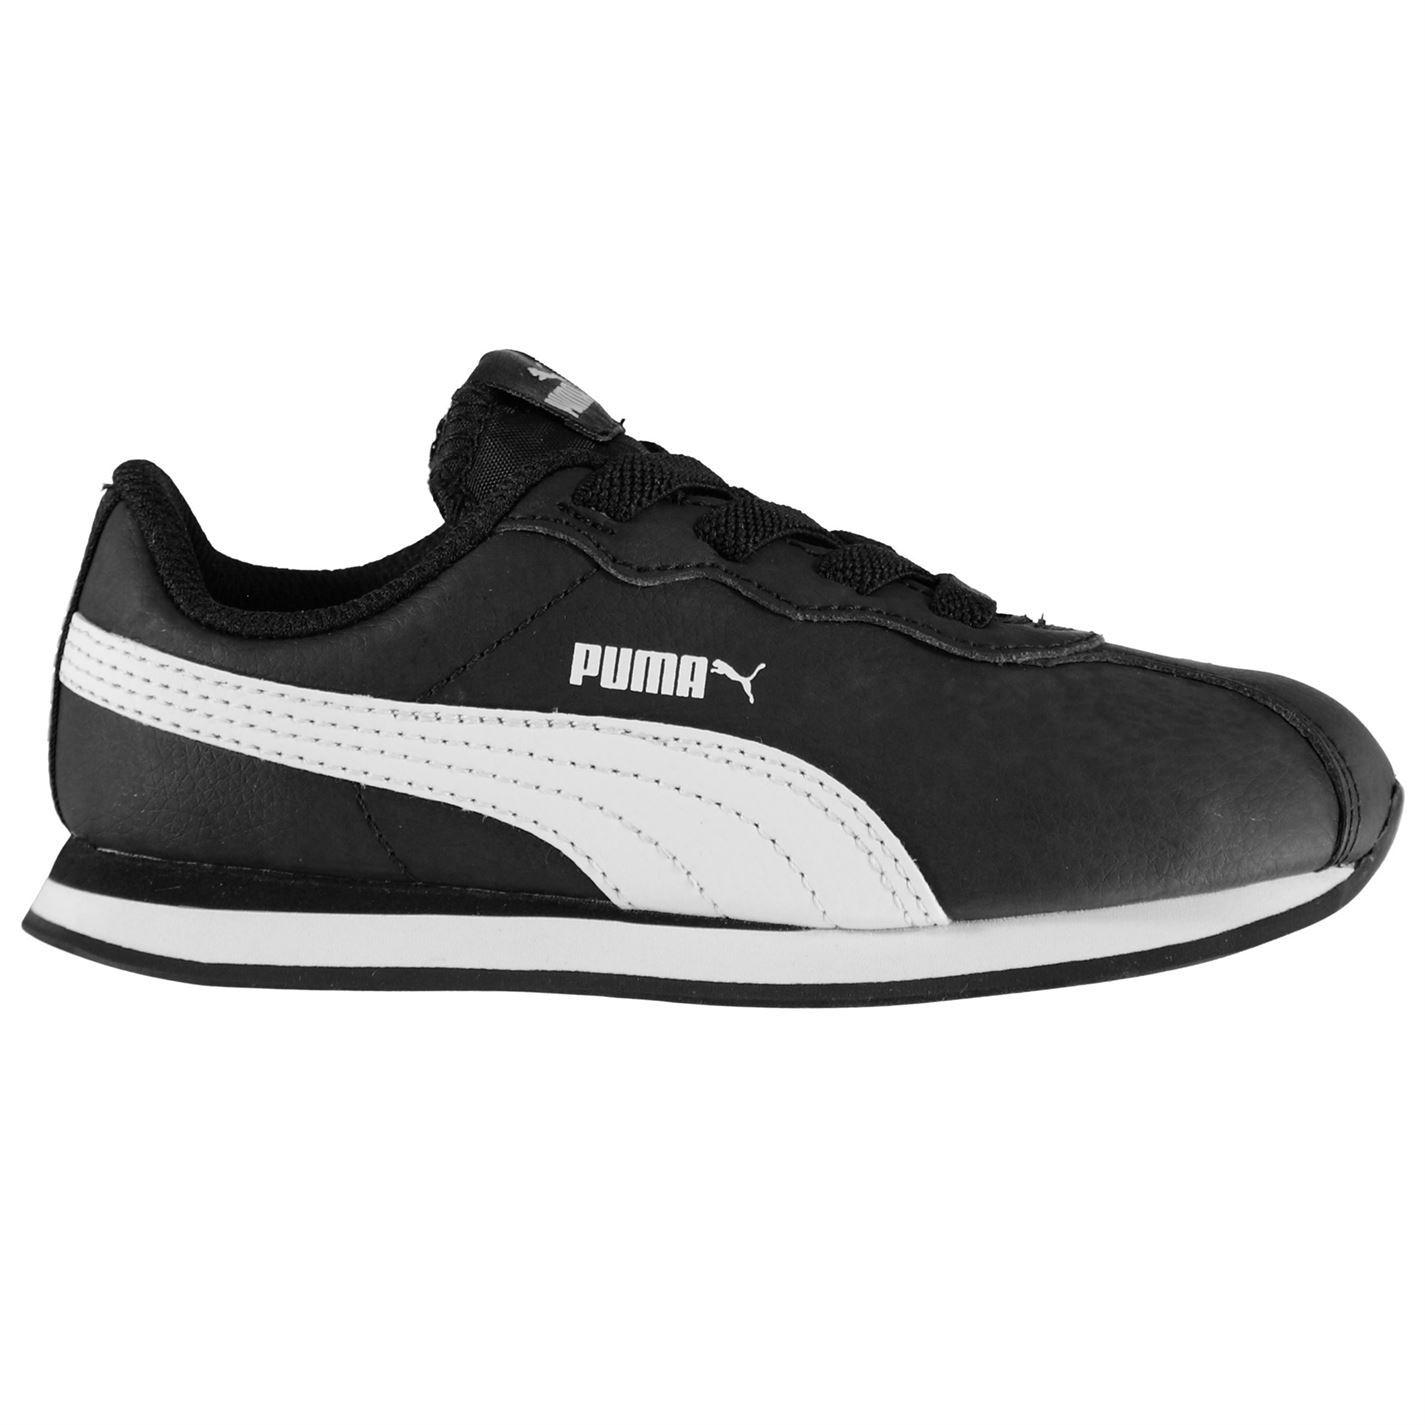 Detalles de Puma Turín II Zapatillas Bebés Niños Chicos Zapatos Tenis Calzado ver título original